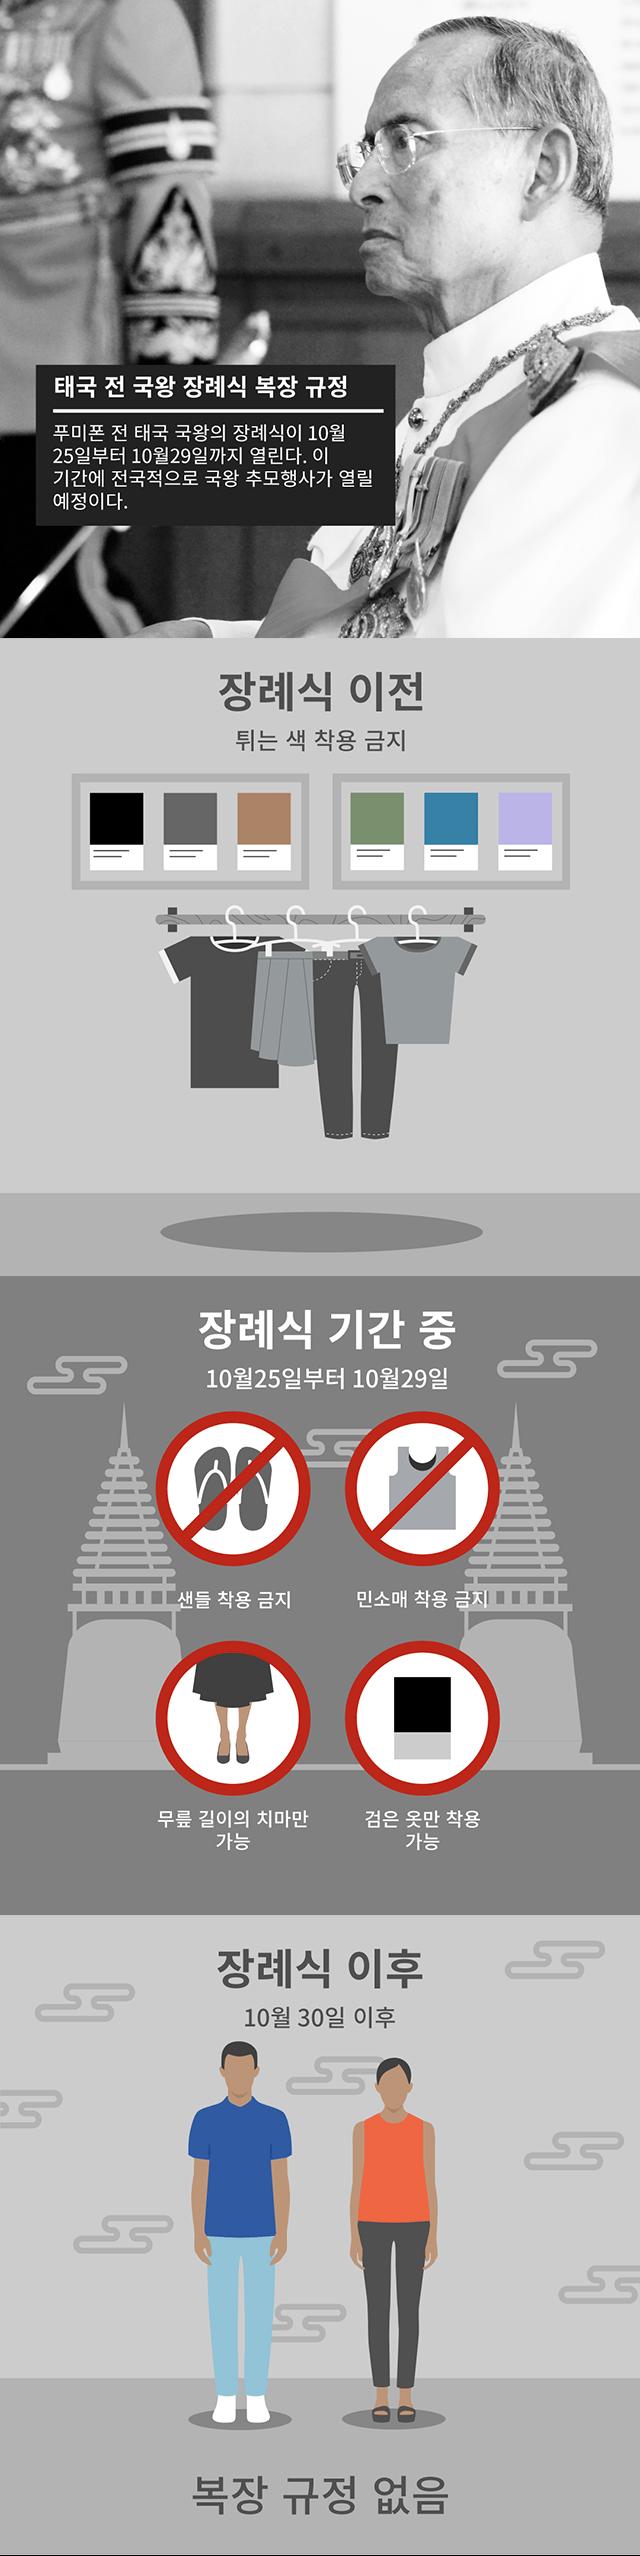 태국 전 국왕 장례식 복장 규정